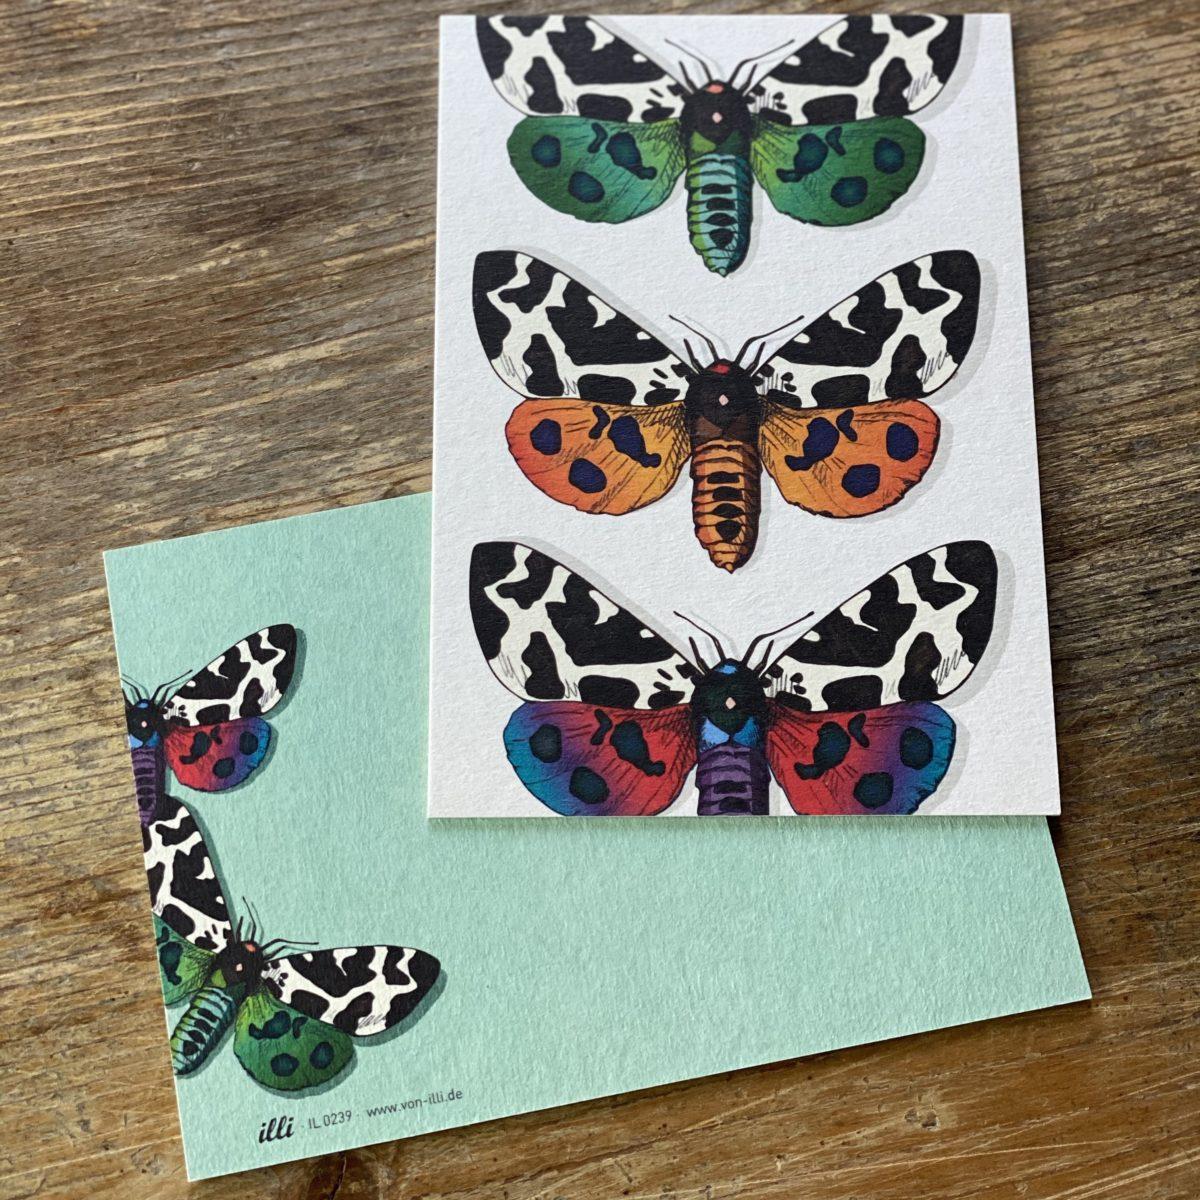 KYUTE Postkarte von illi PARUPARO